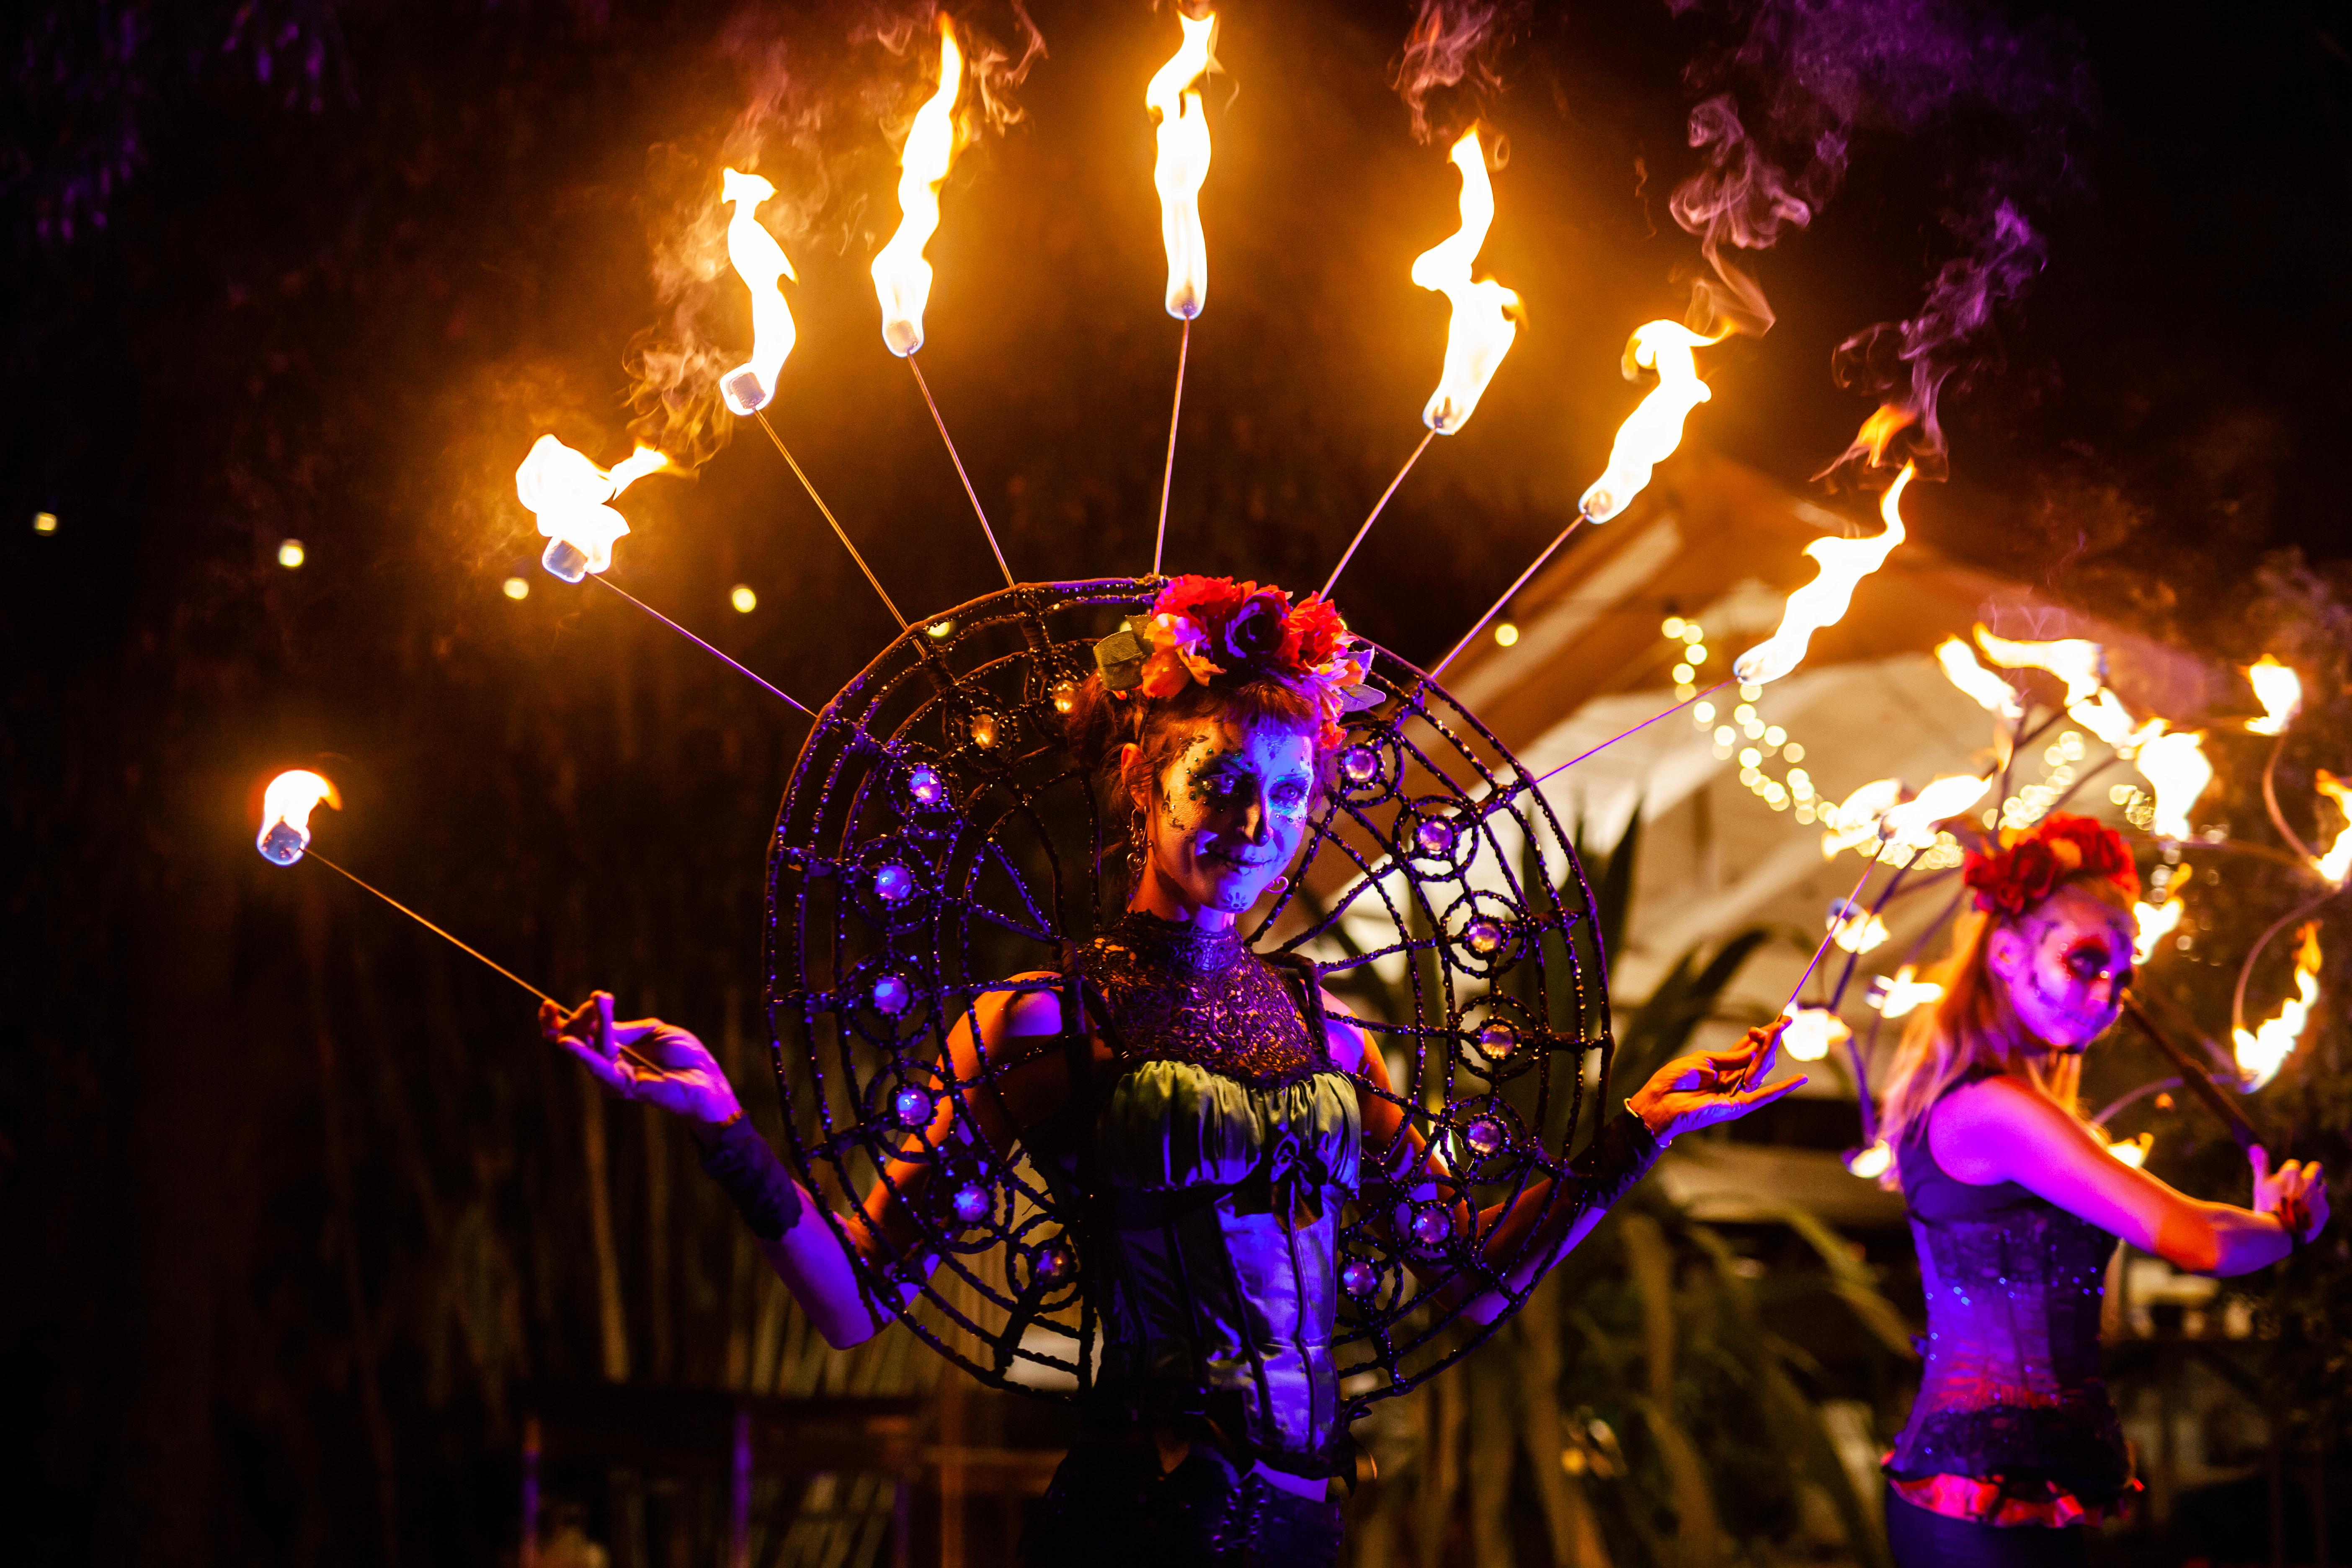 Body Art & Fire Shows